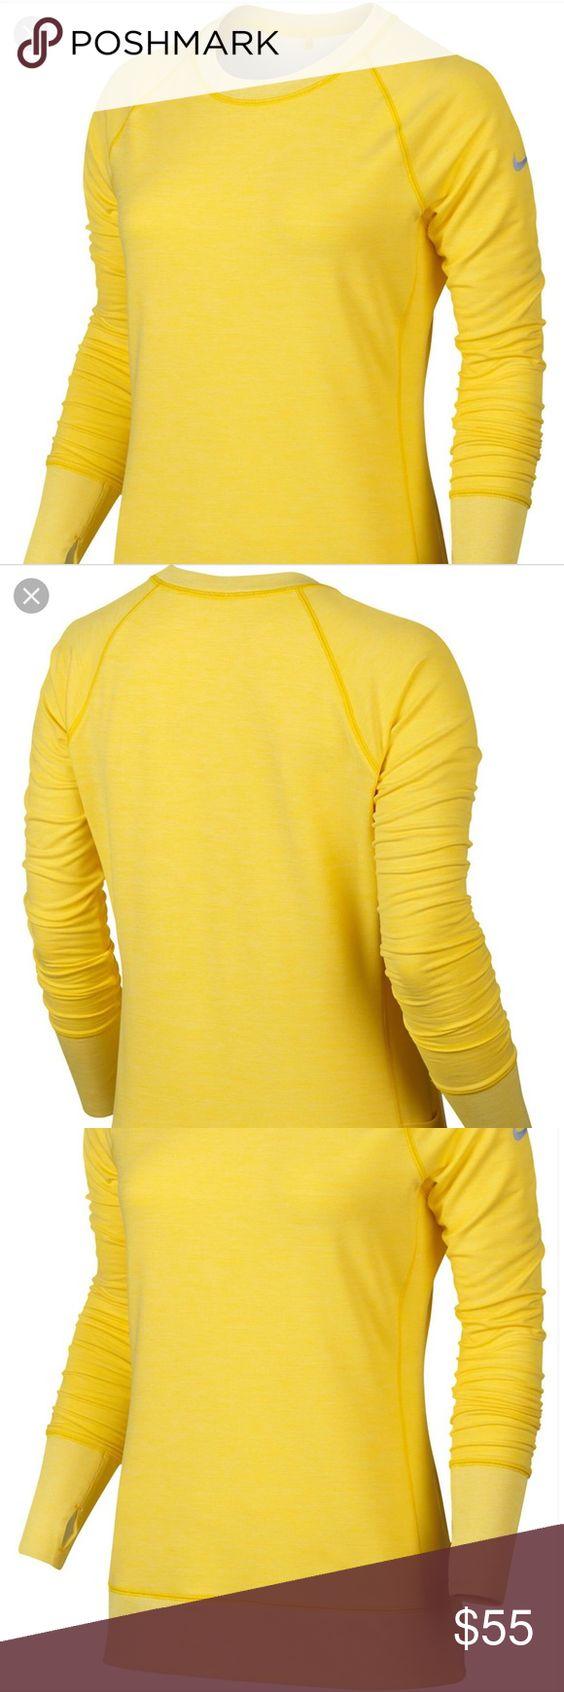 Nike Woman S Yellow Bunker Crew Sweatshirt Crew Sweatshirts Nike Women Sweatshirts [ 1692 x 564 Pixel ]